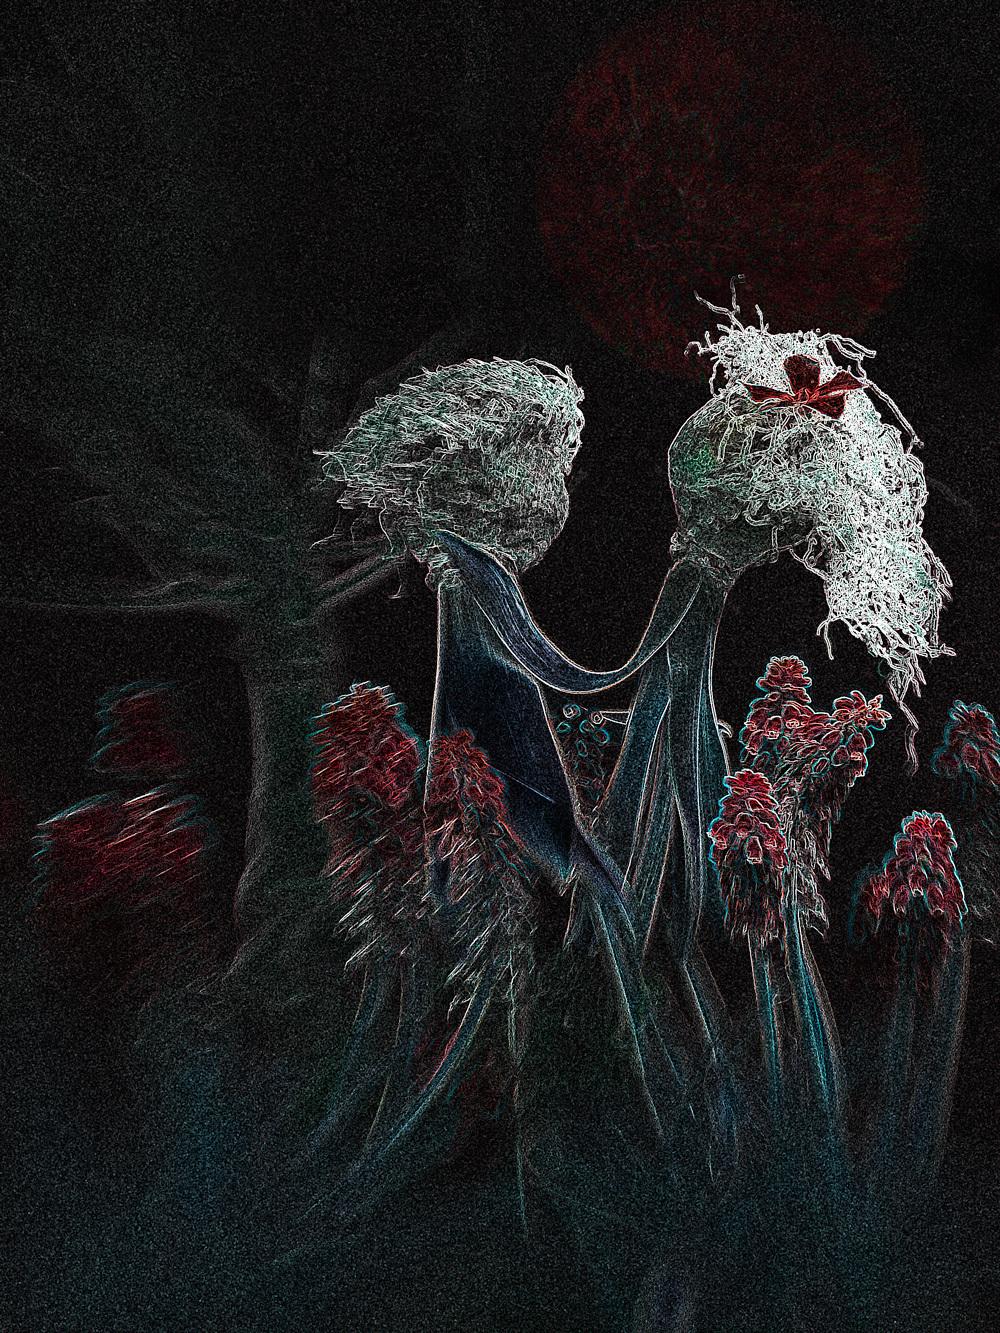 Dark Romance - Bewerking uit eigen beelden, originele foto met lensbaby - foto door anholts op 21-04-2011 - deze foto bevat: rood, dark, tuin, bewerkt, hyacint, voorjaar, kunst, stel, verliefd, romantiek, bloed, druifjes, duister, bloembollen, romantisch, romance, grafische, digiart, iefde